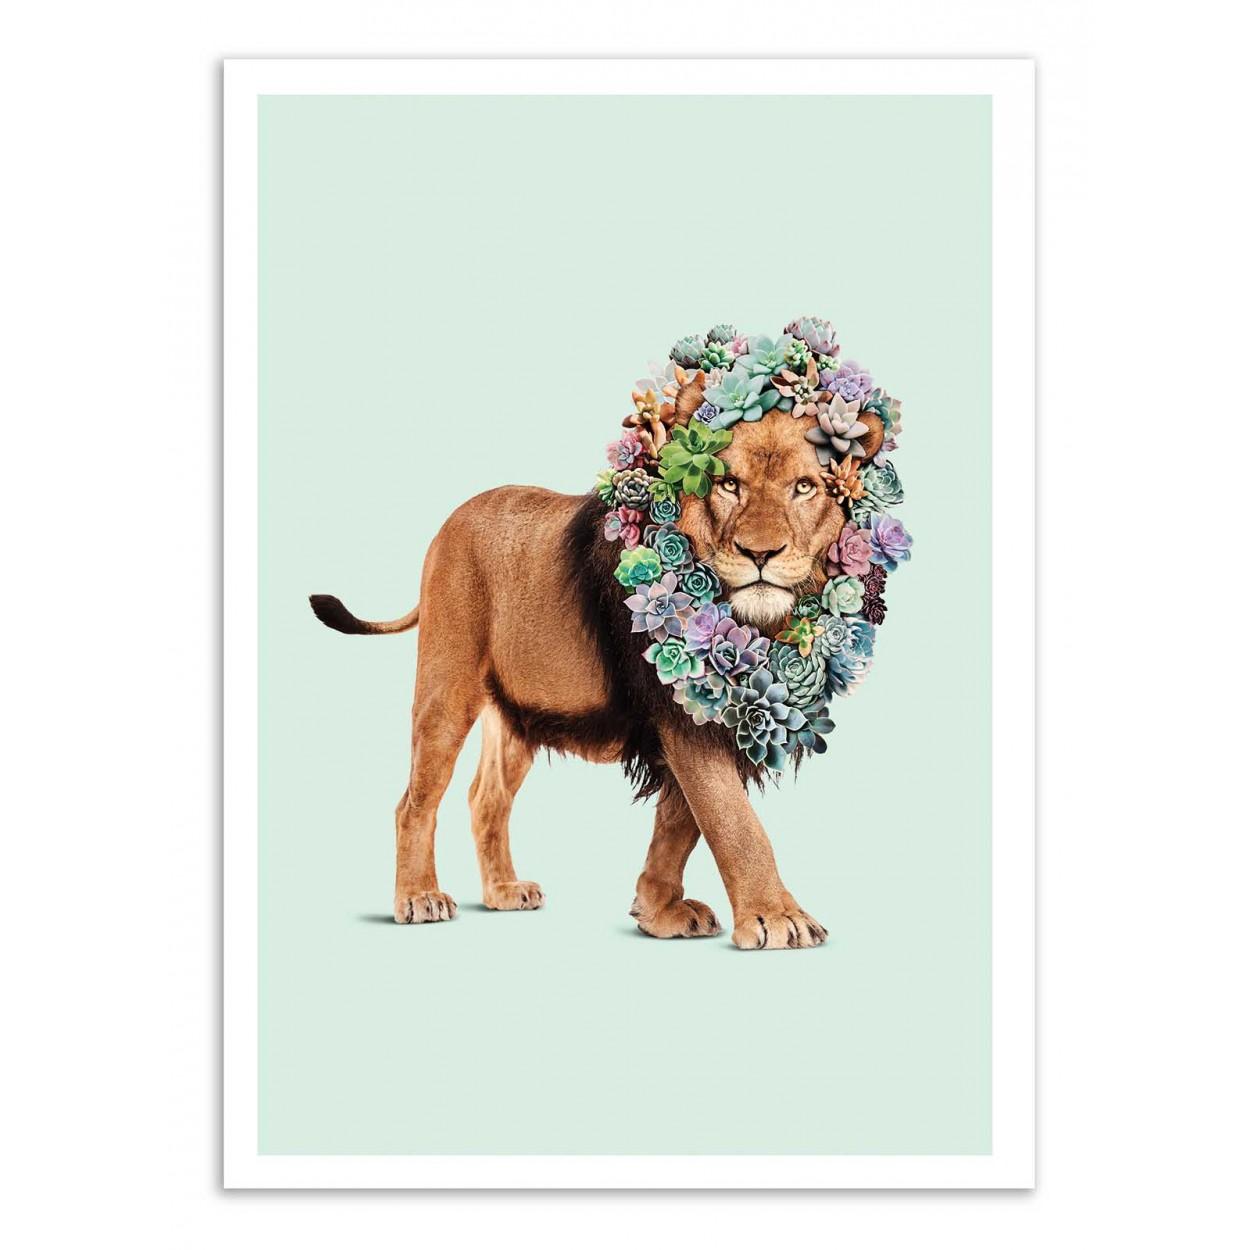 SUCCULENT LION - Affiche d'art 50 x 70 cm